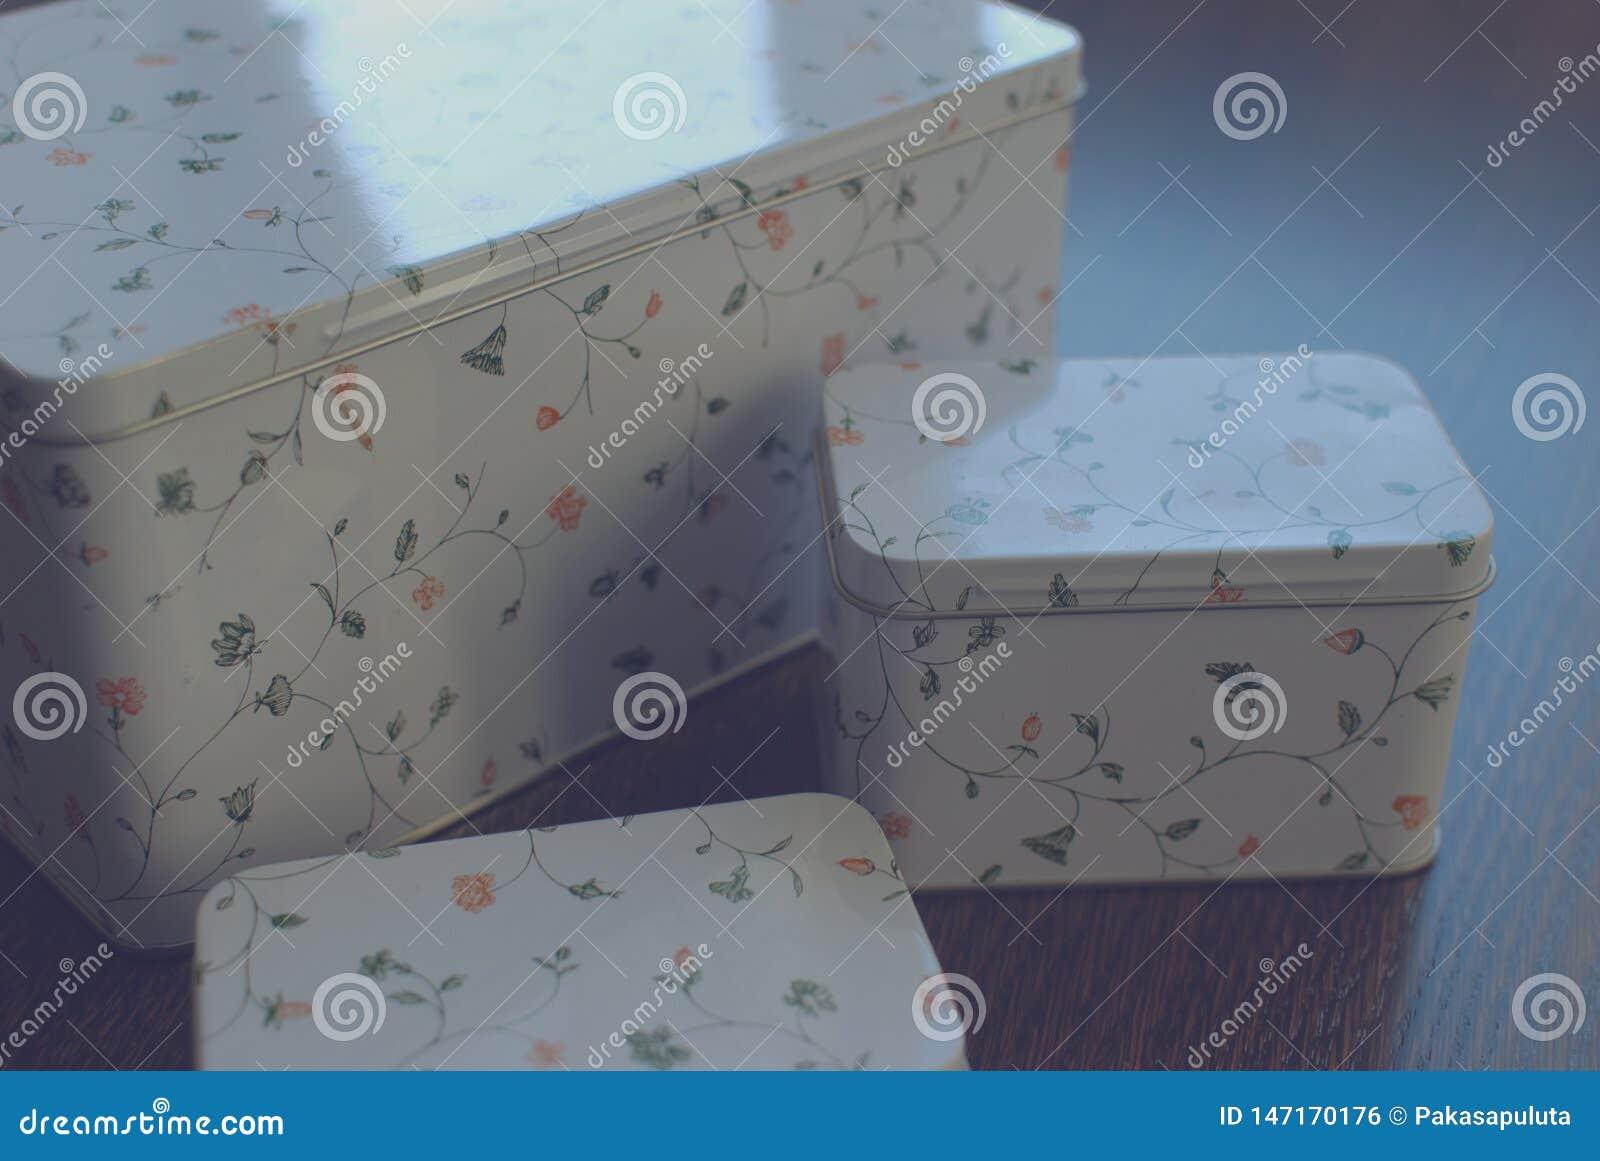 Cajas del metal